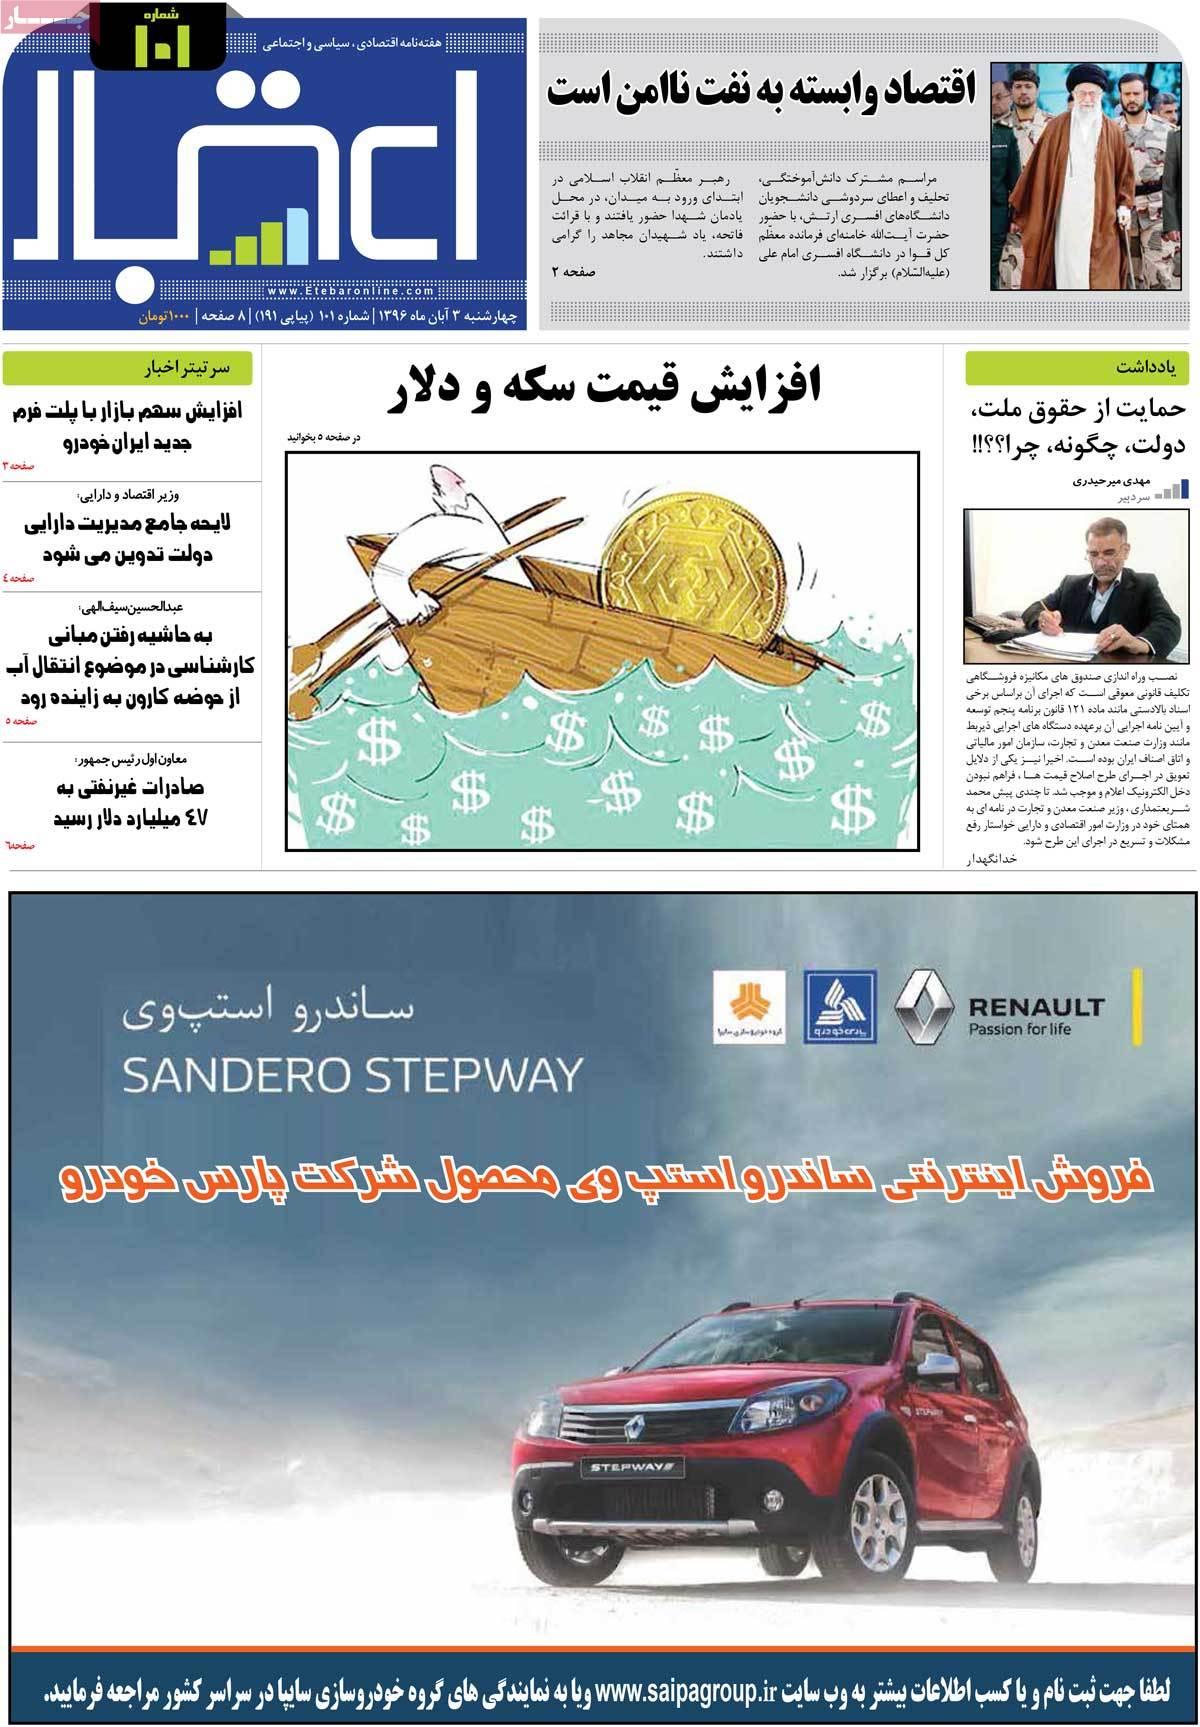 http://www.jaaar.com/assets/images/pishkhan/1396/8/7/7c82fab8.jpg